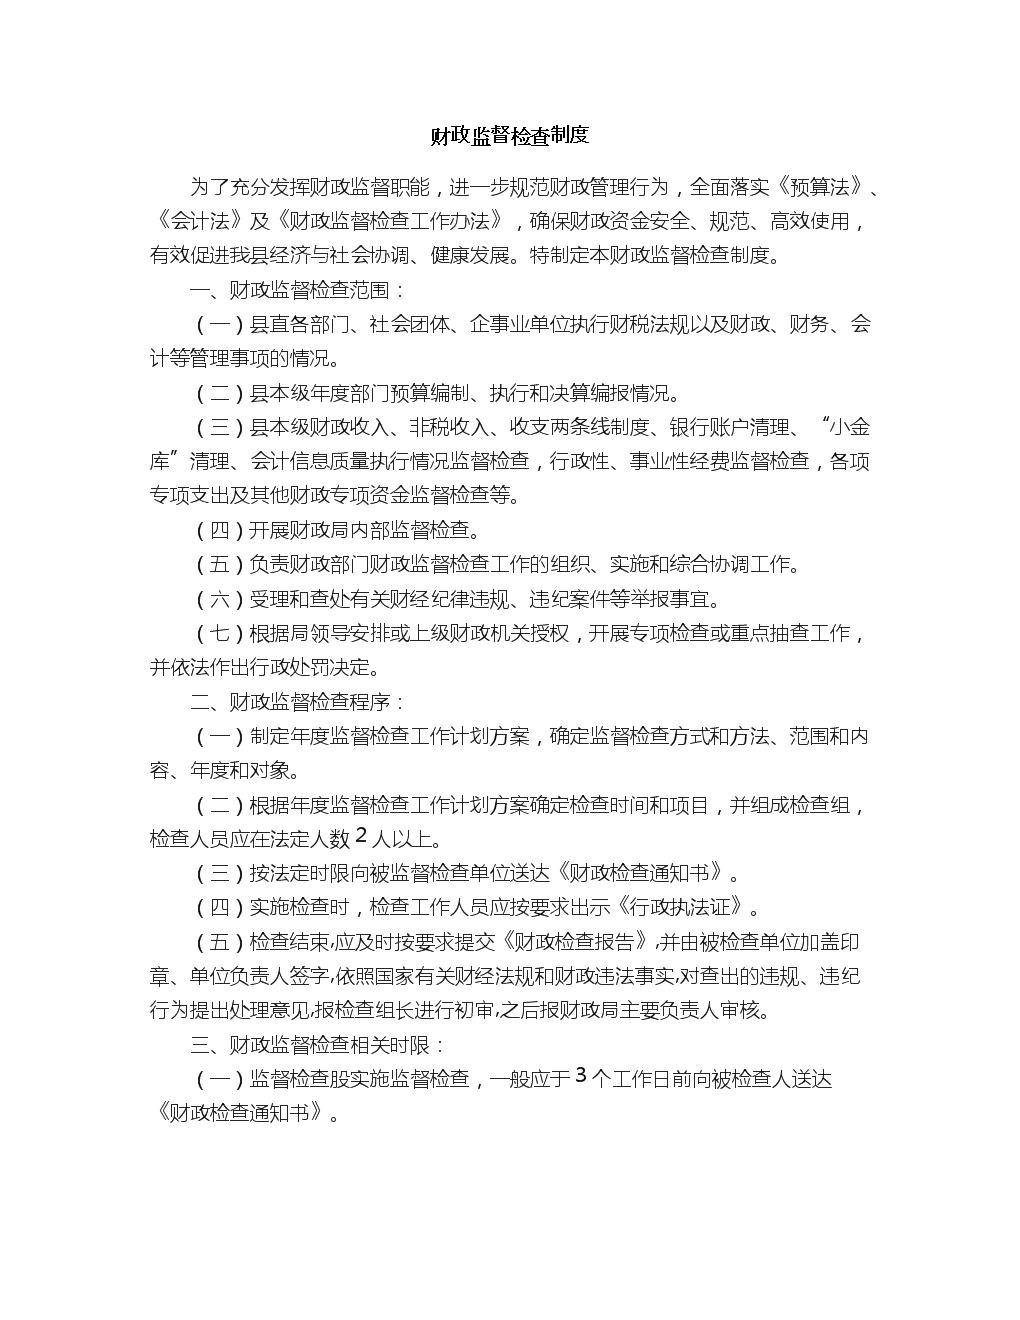 财政监督检查制度.doc